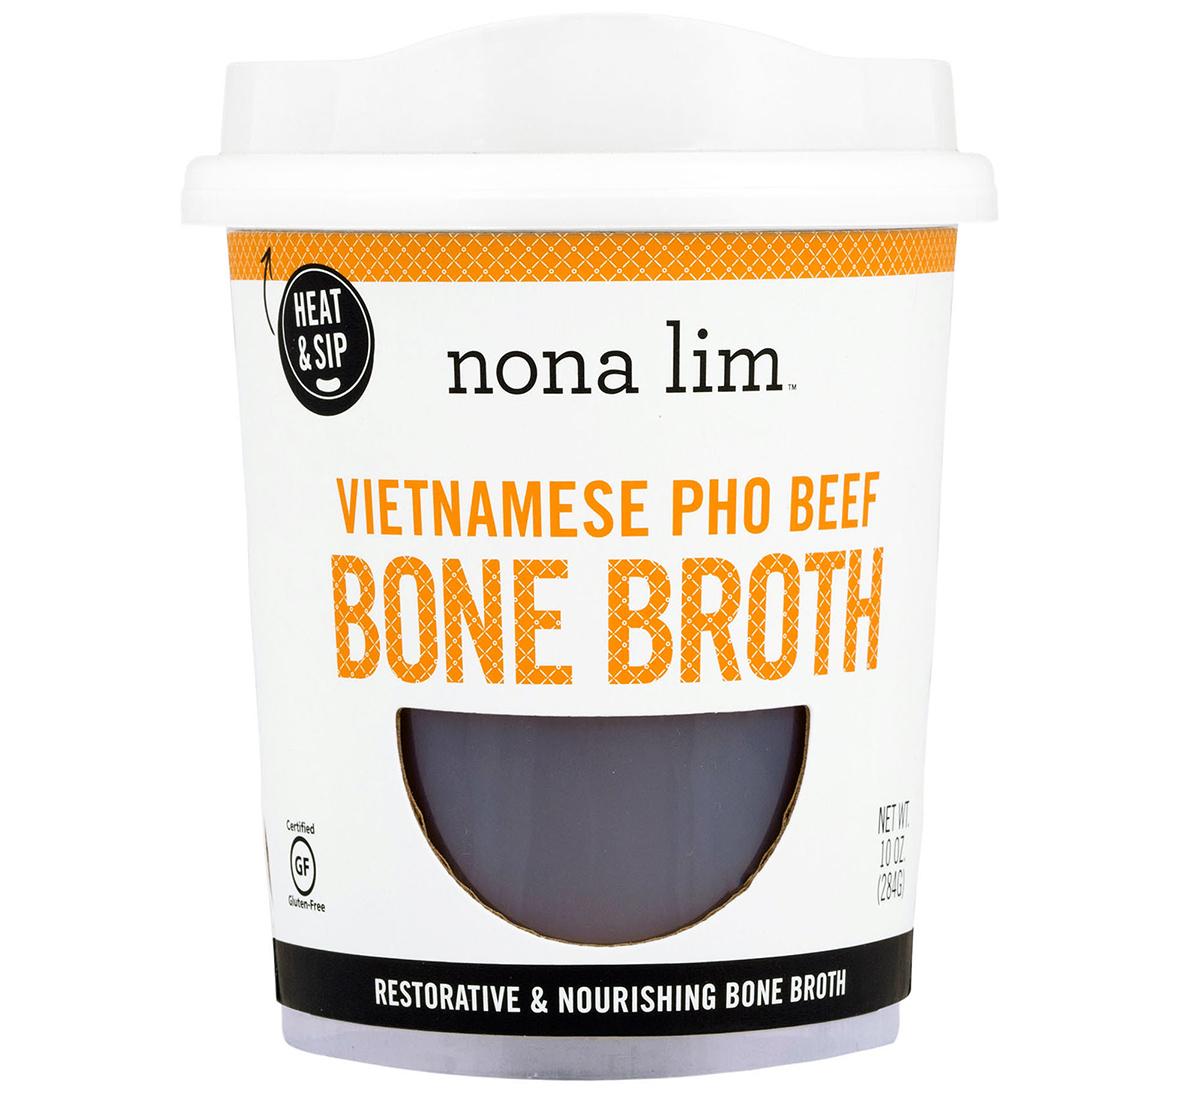 noma lim bone broth